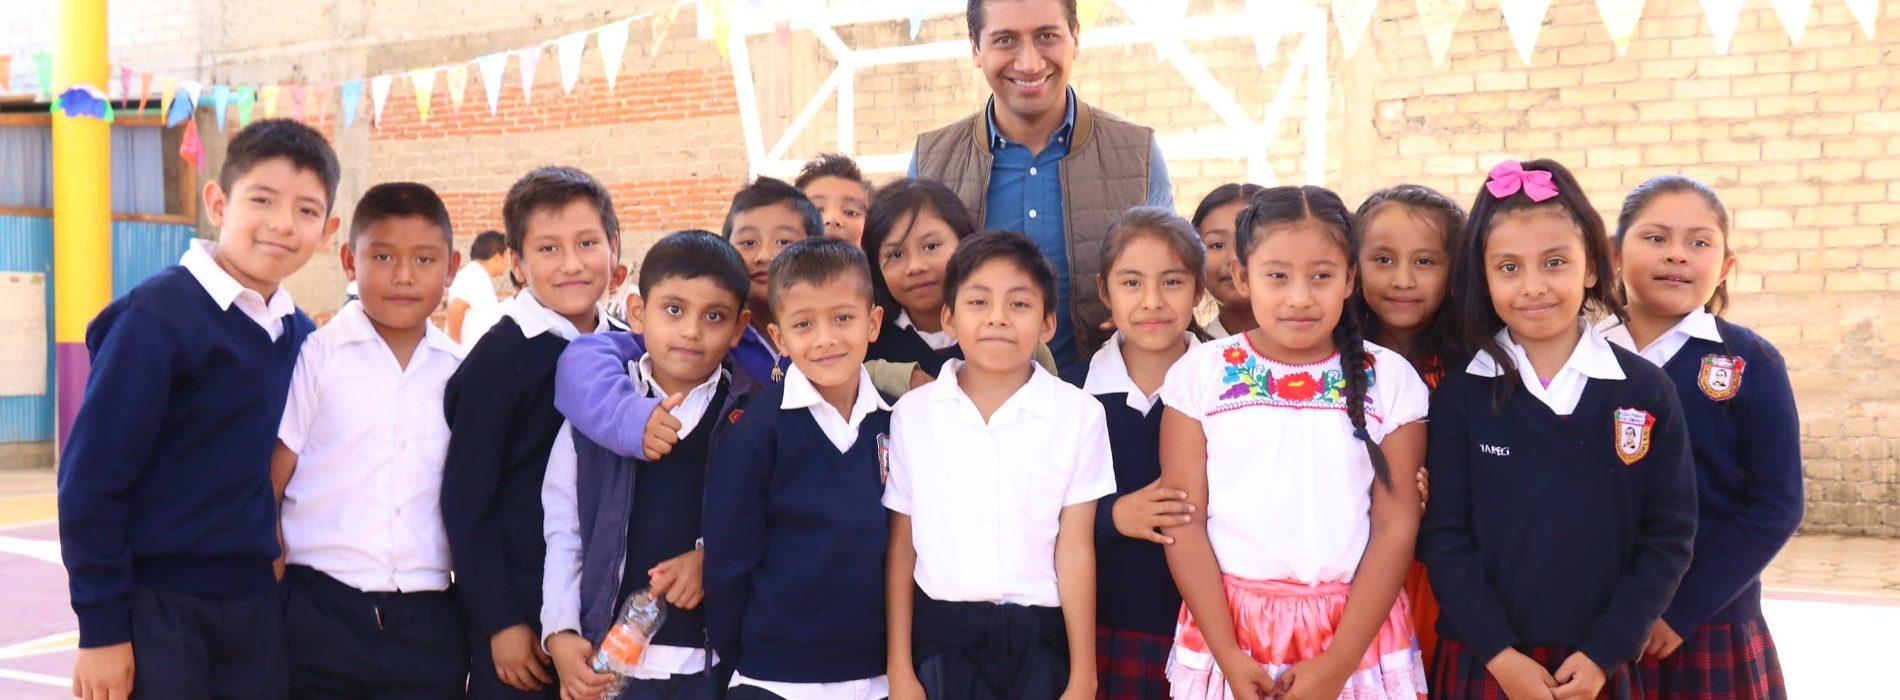 Brindar espacios educativos dignos a la niñez xoxeña, mi compromiso: ALJ